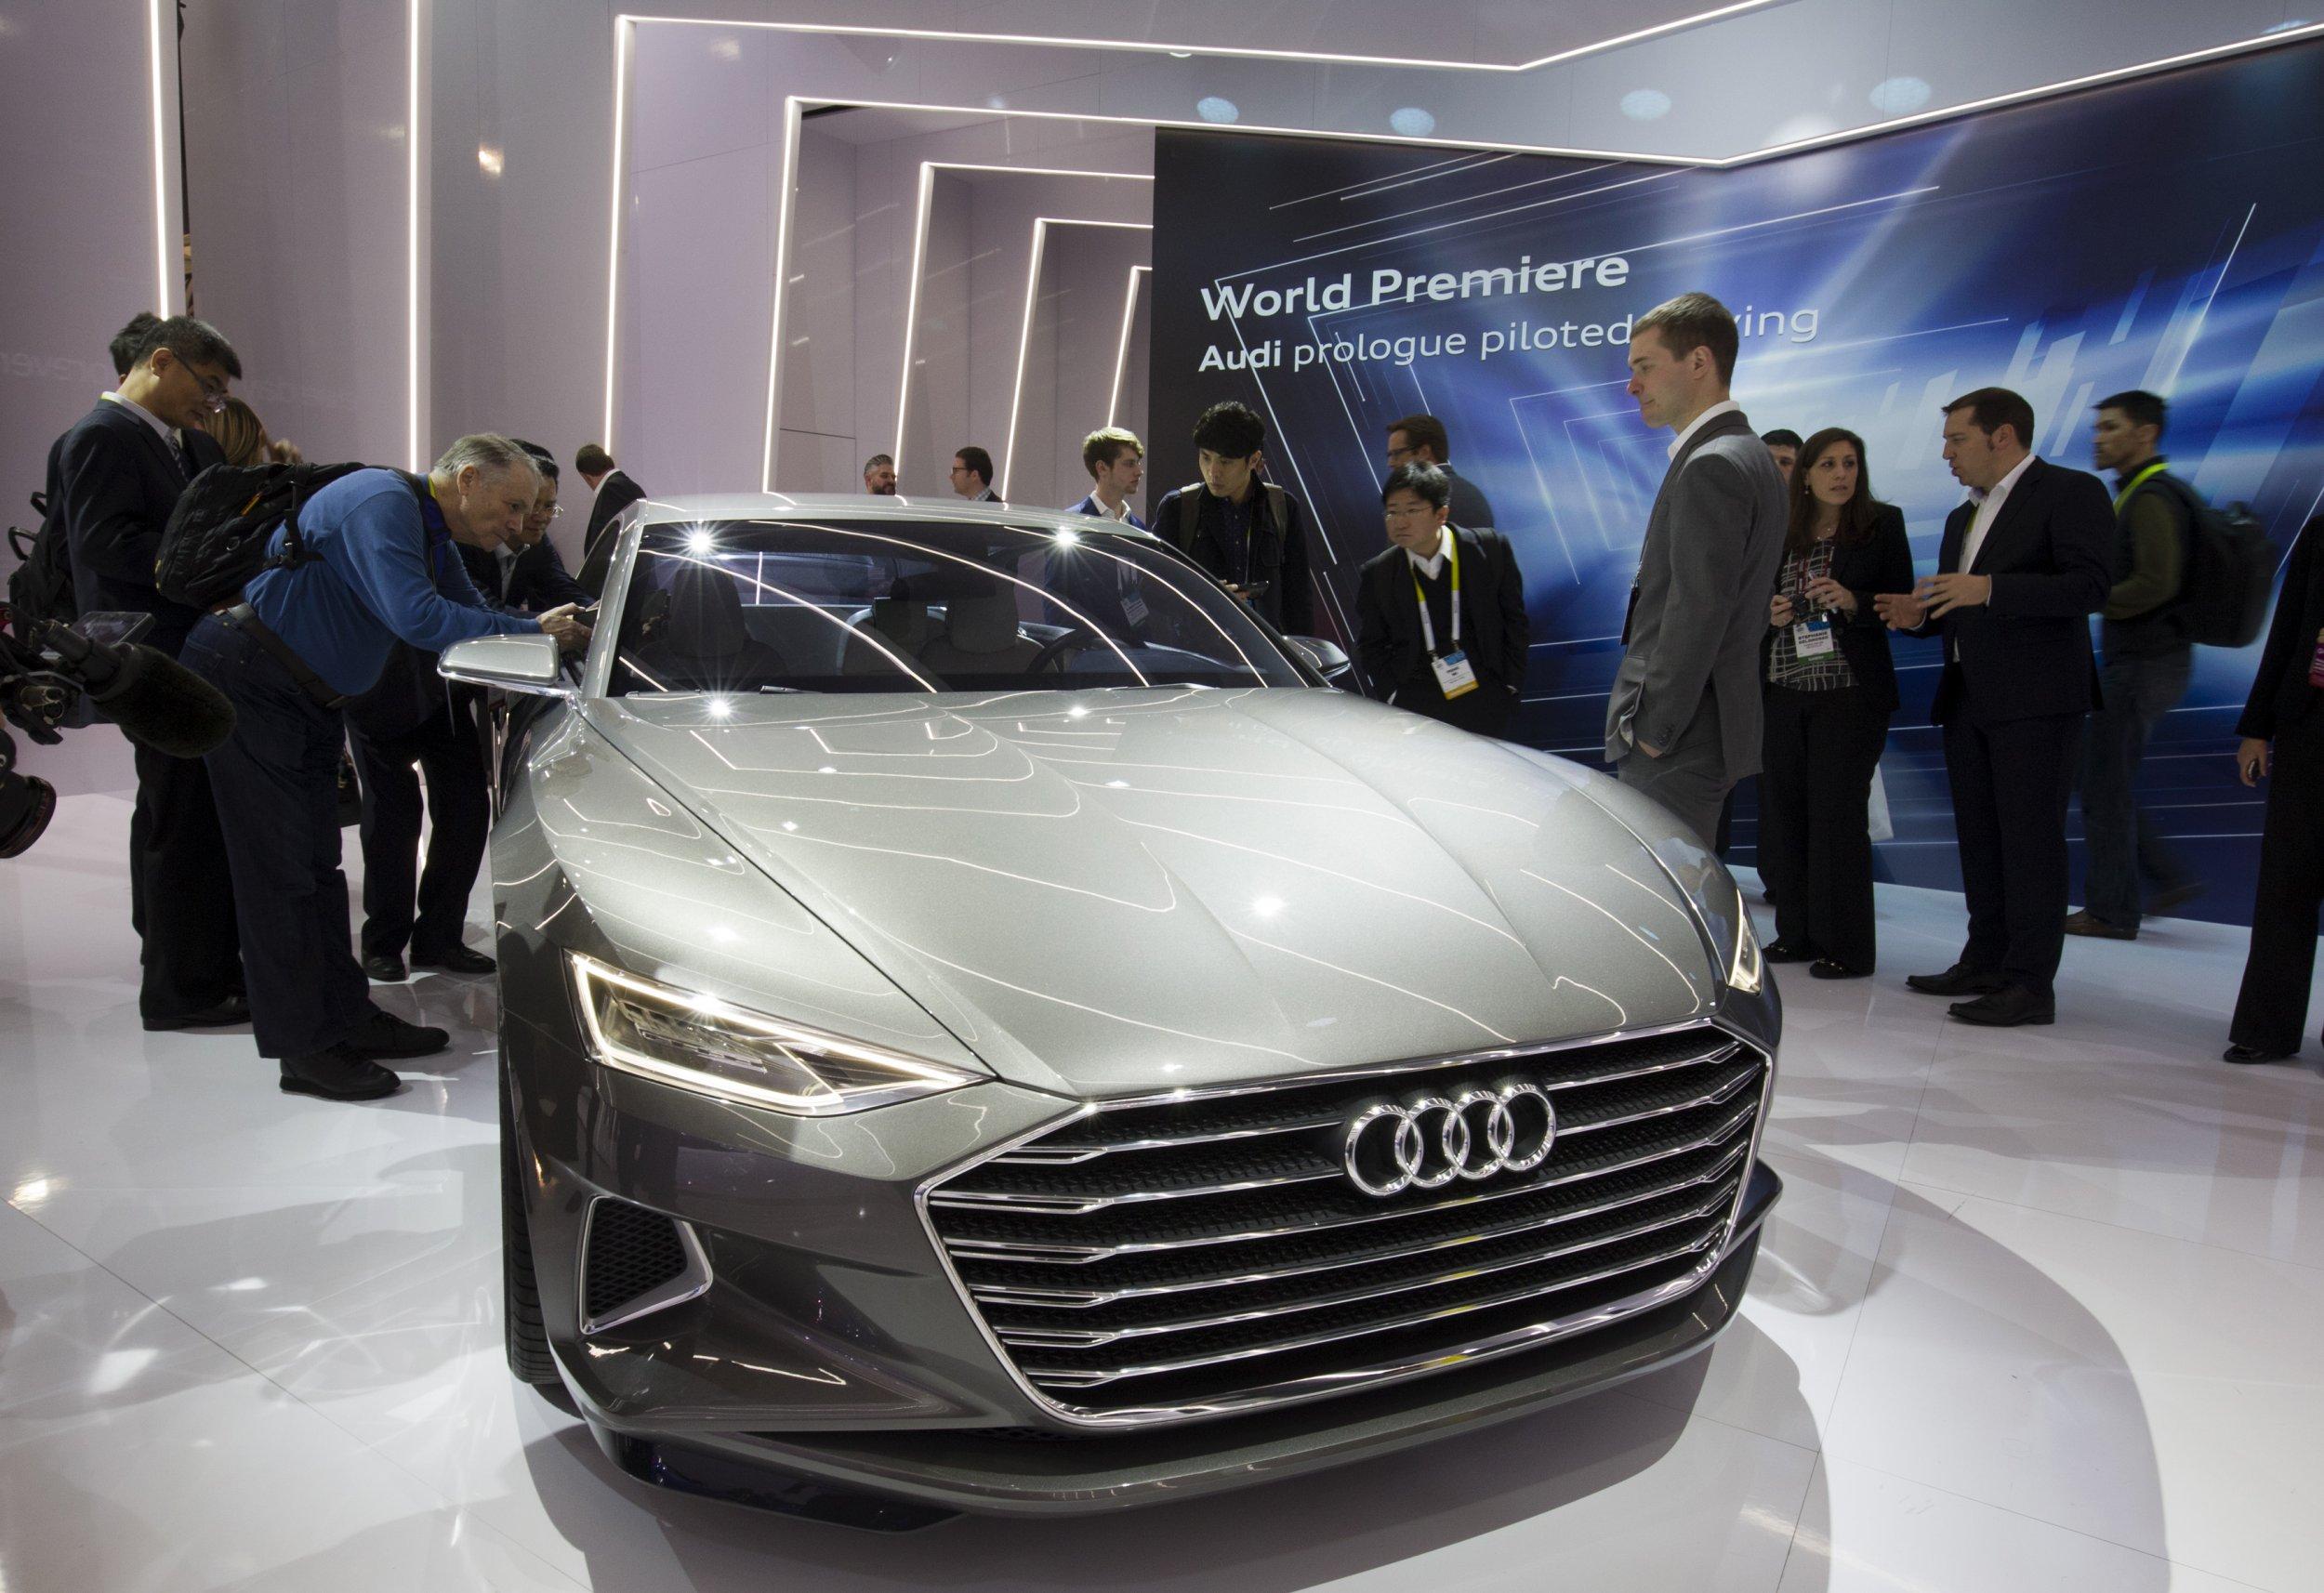 Audis Driverless Car Is Even Cooler Than David Hasselhoff - Audi driverless car